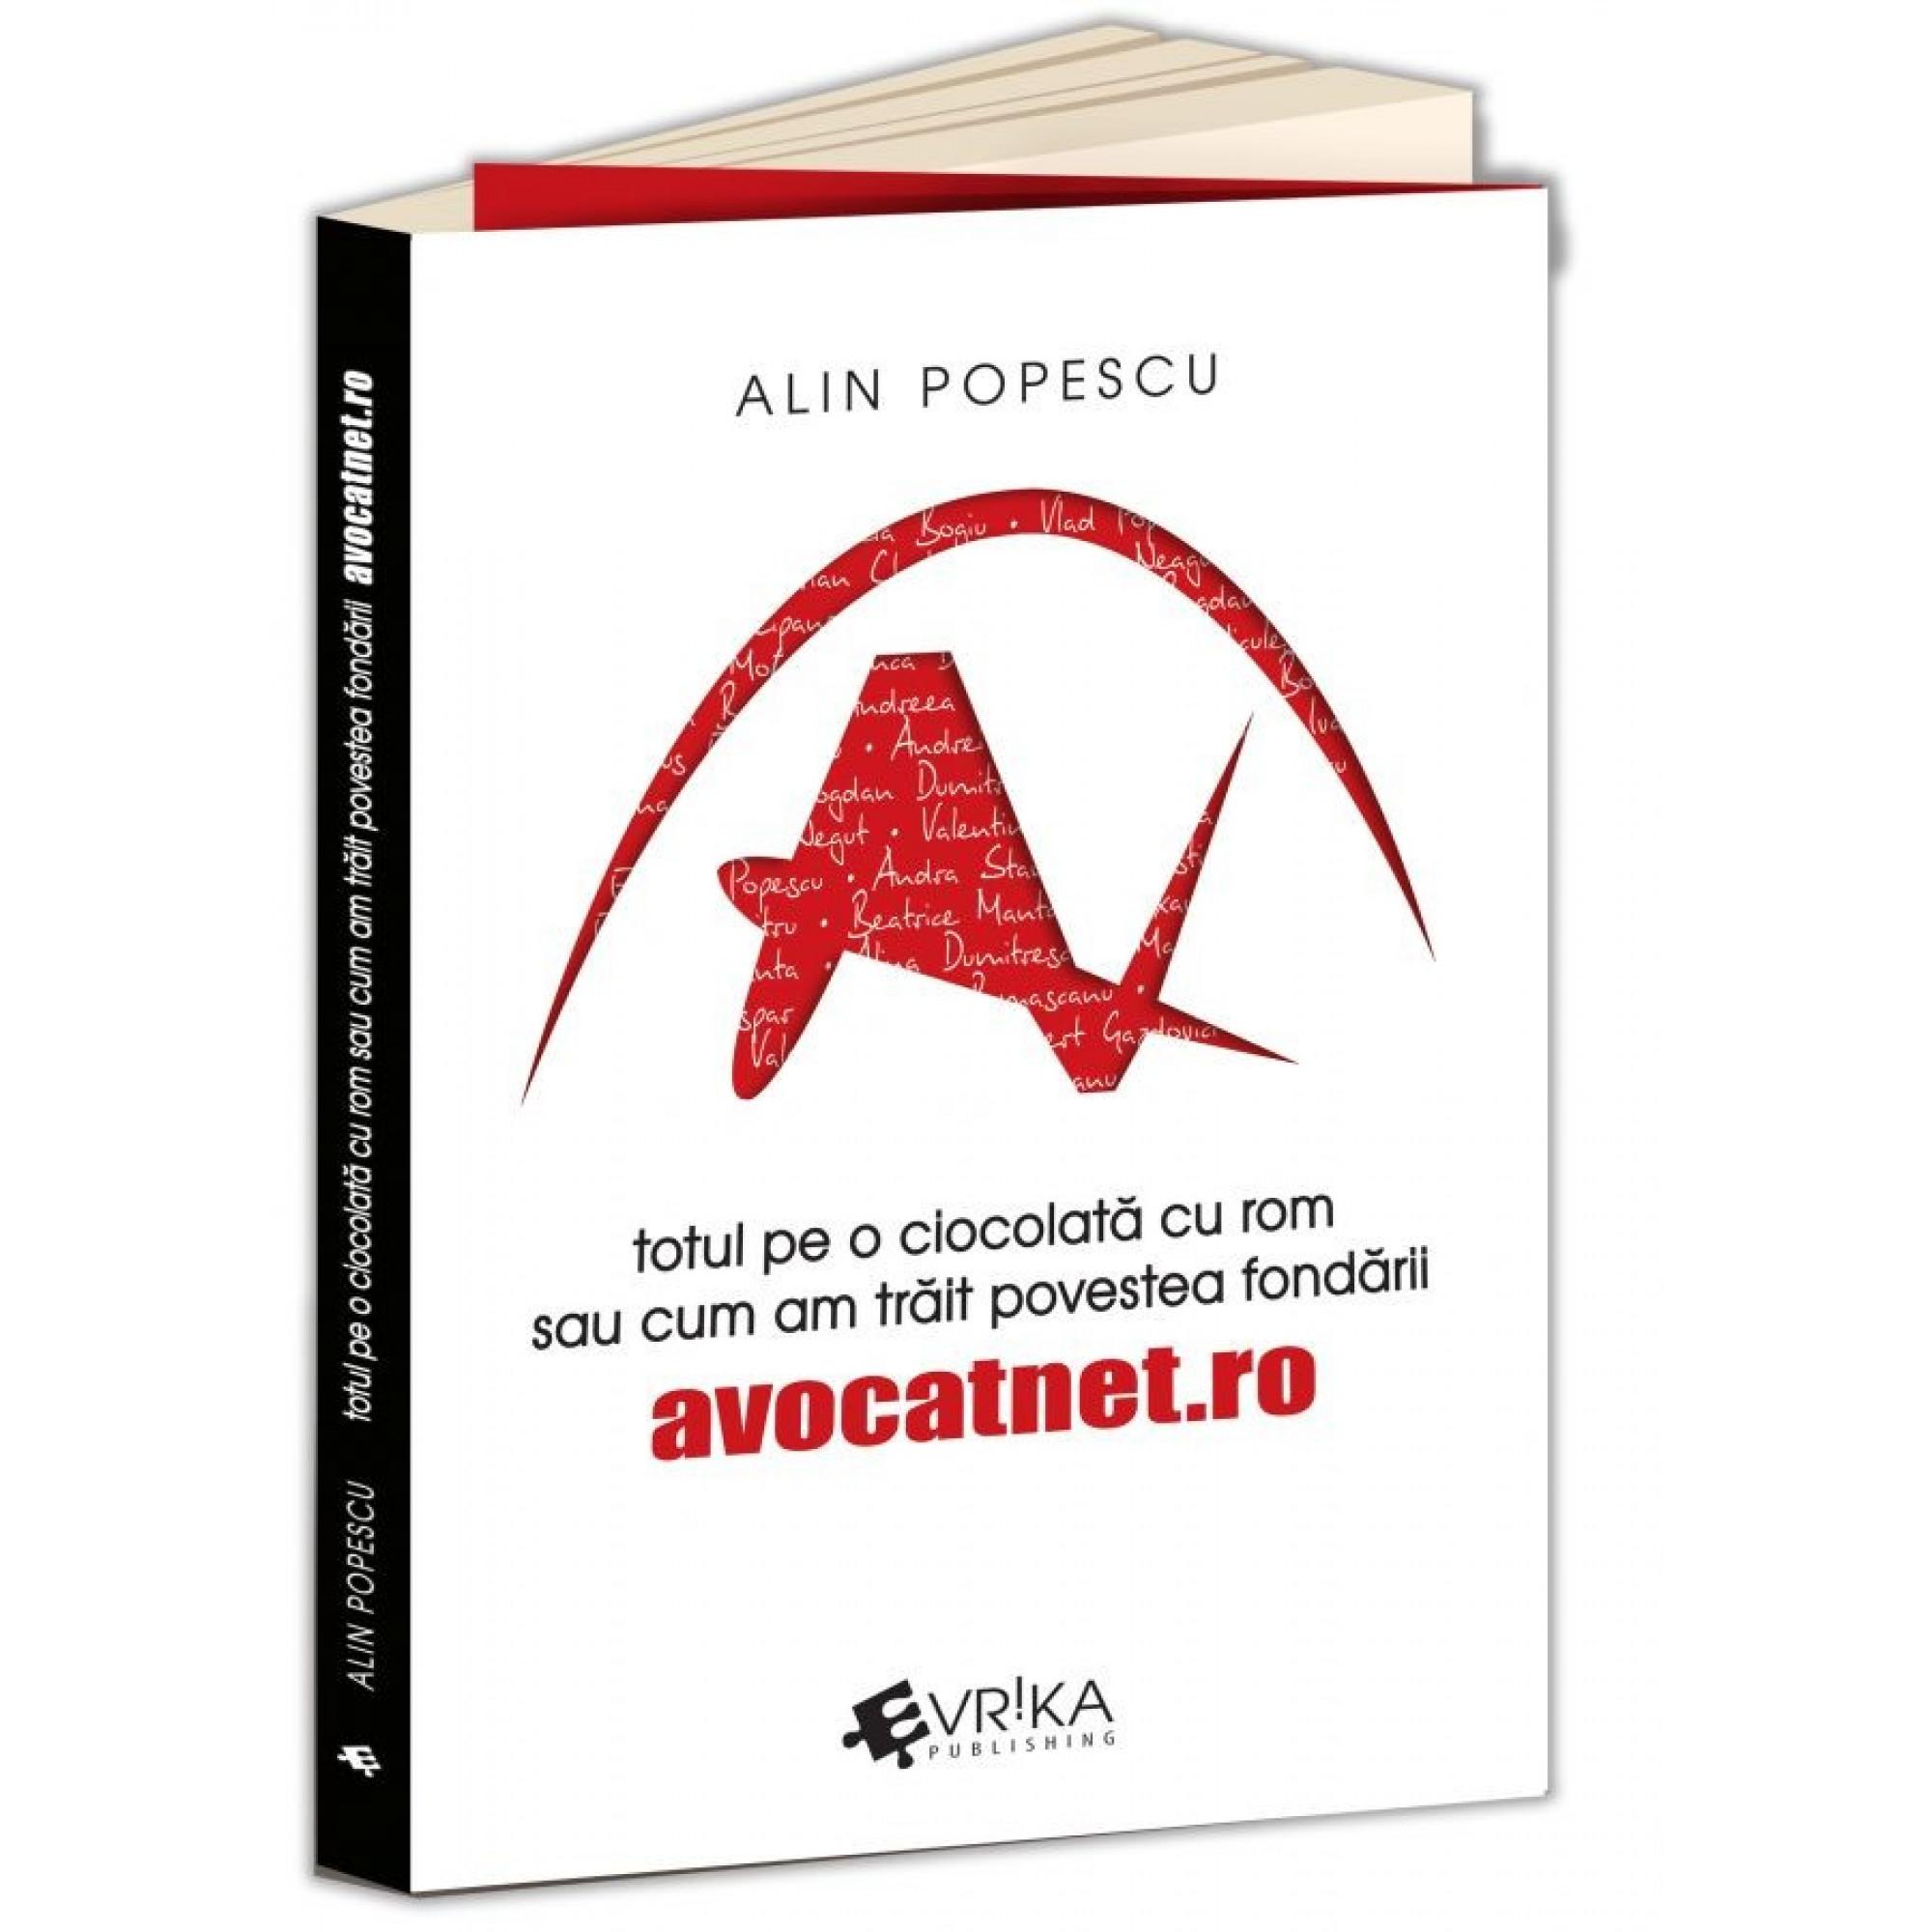 Totul pe o ciocolată cu rom sau cum am trăit povestea fondării AvocatNet.ro